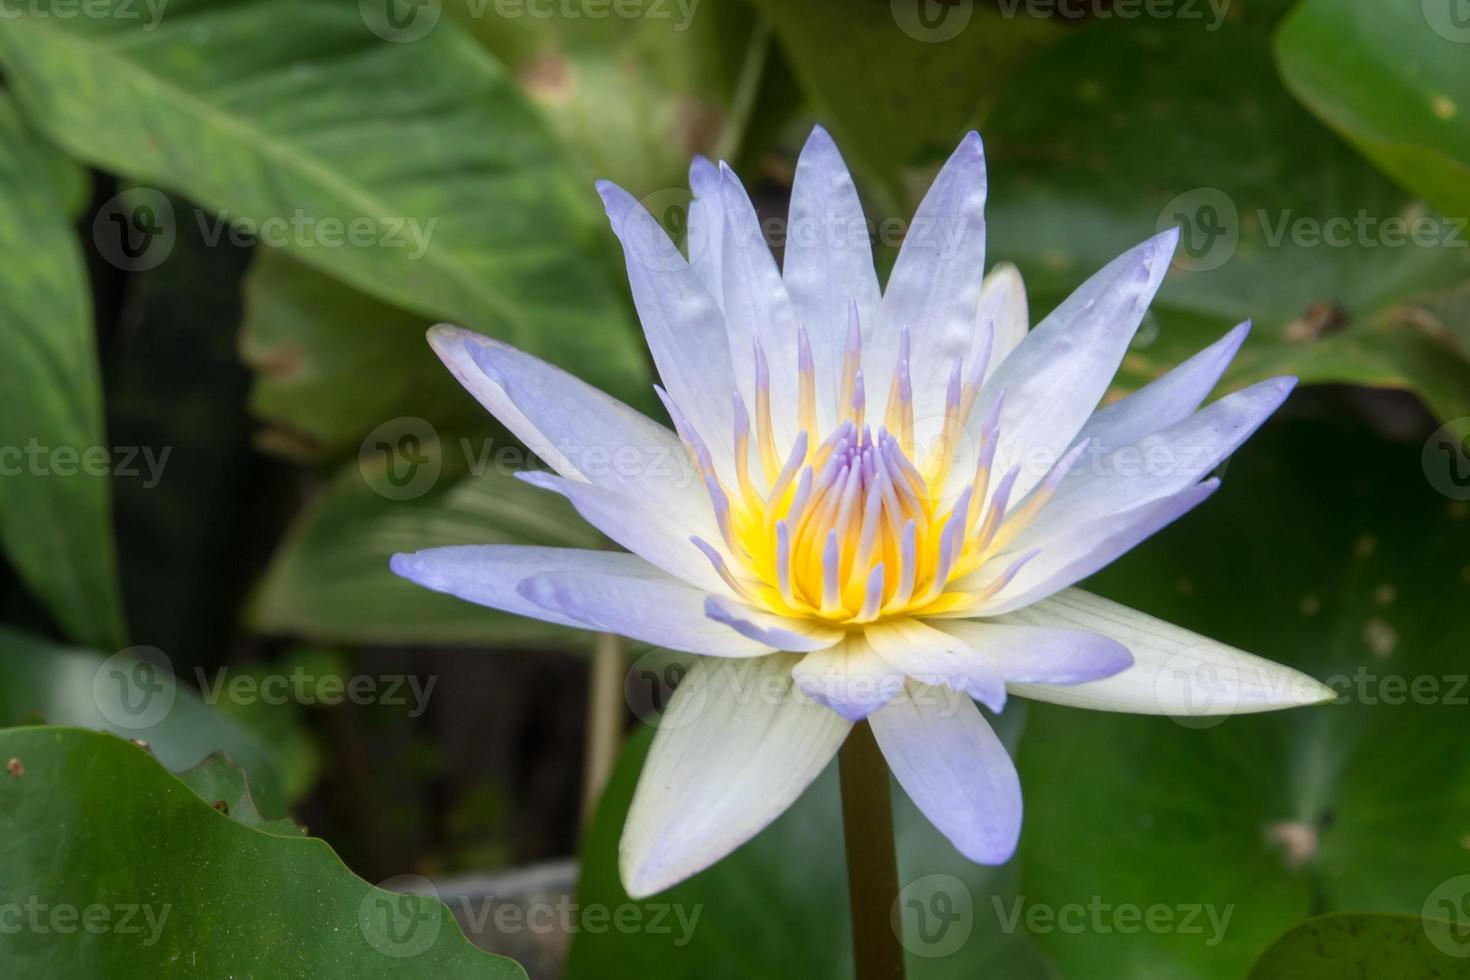 fiore di loto sull'acqua foto